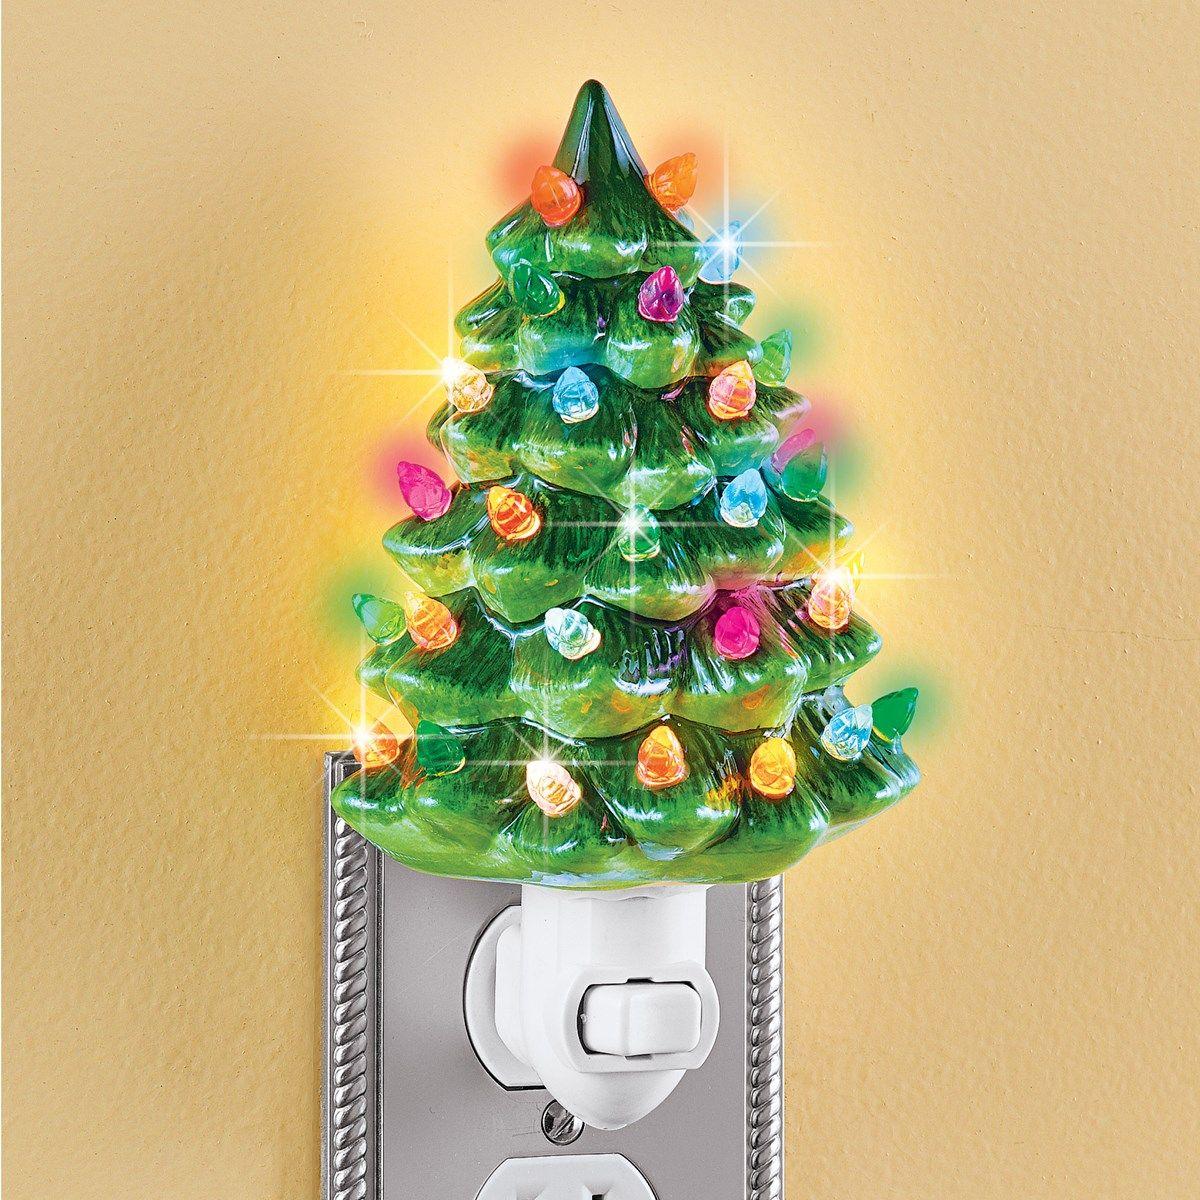 Ceramic Christmas Tree Night Light 6 H Collections Etc In 2020 Christmas Tree Night Light Ceramic Christmas Trees Christmas Tree